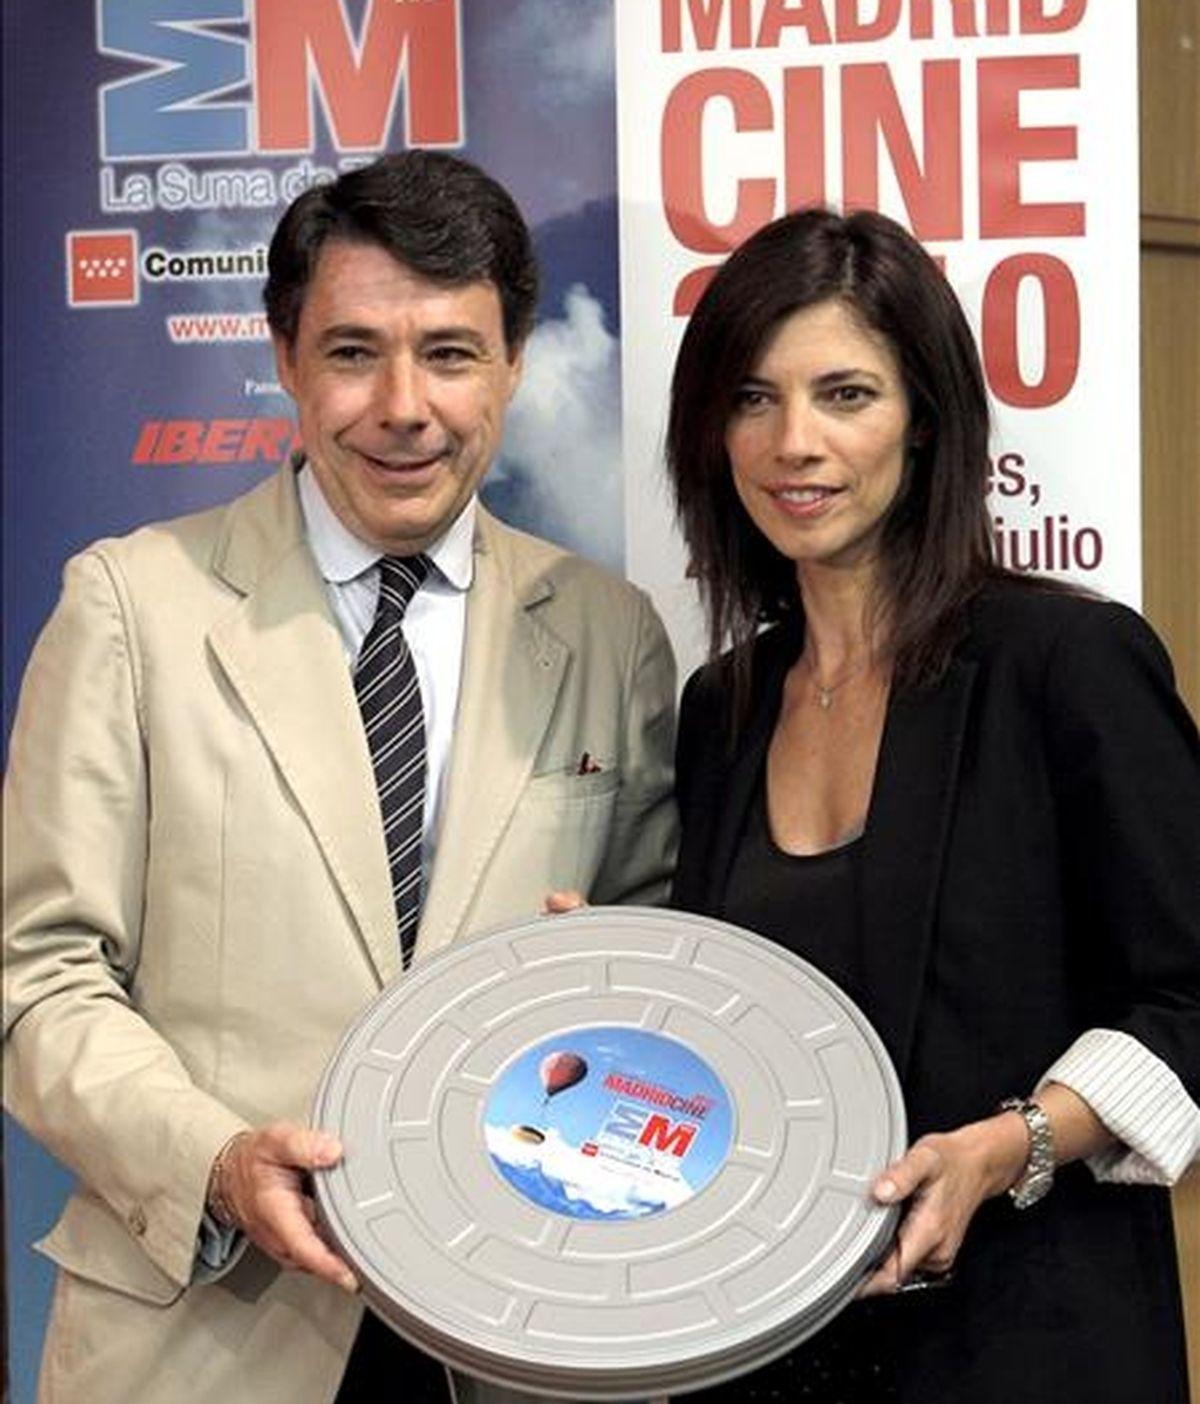 El vicepresidente de la Comunidad de Madrid, Ignacio González y la actriz Maribel Verdú, durante la presentación del programa MadridCine 2010, que se celebrará del 22 al 28 de julio en Buenos Aires. EFE